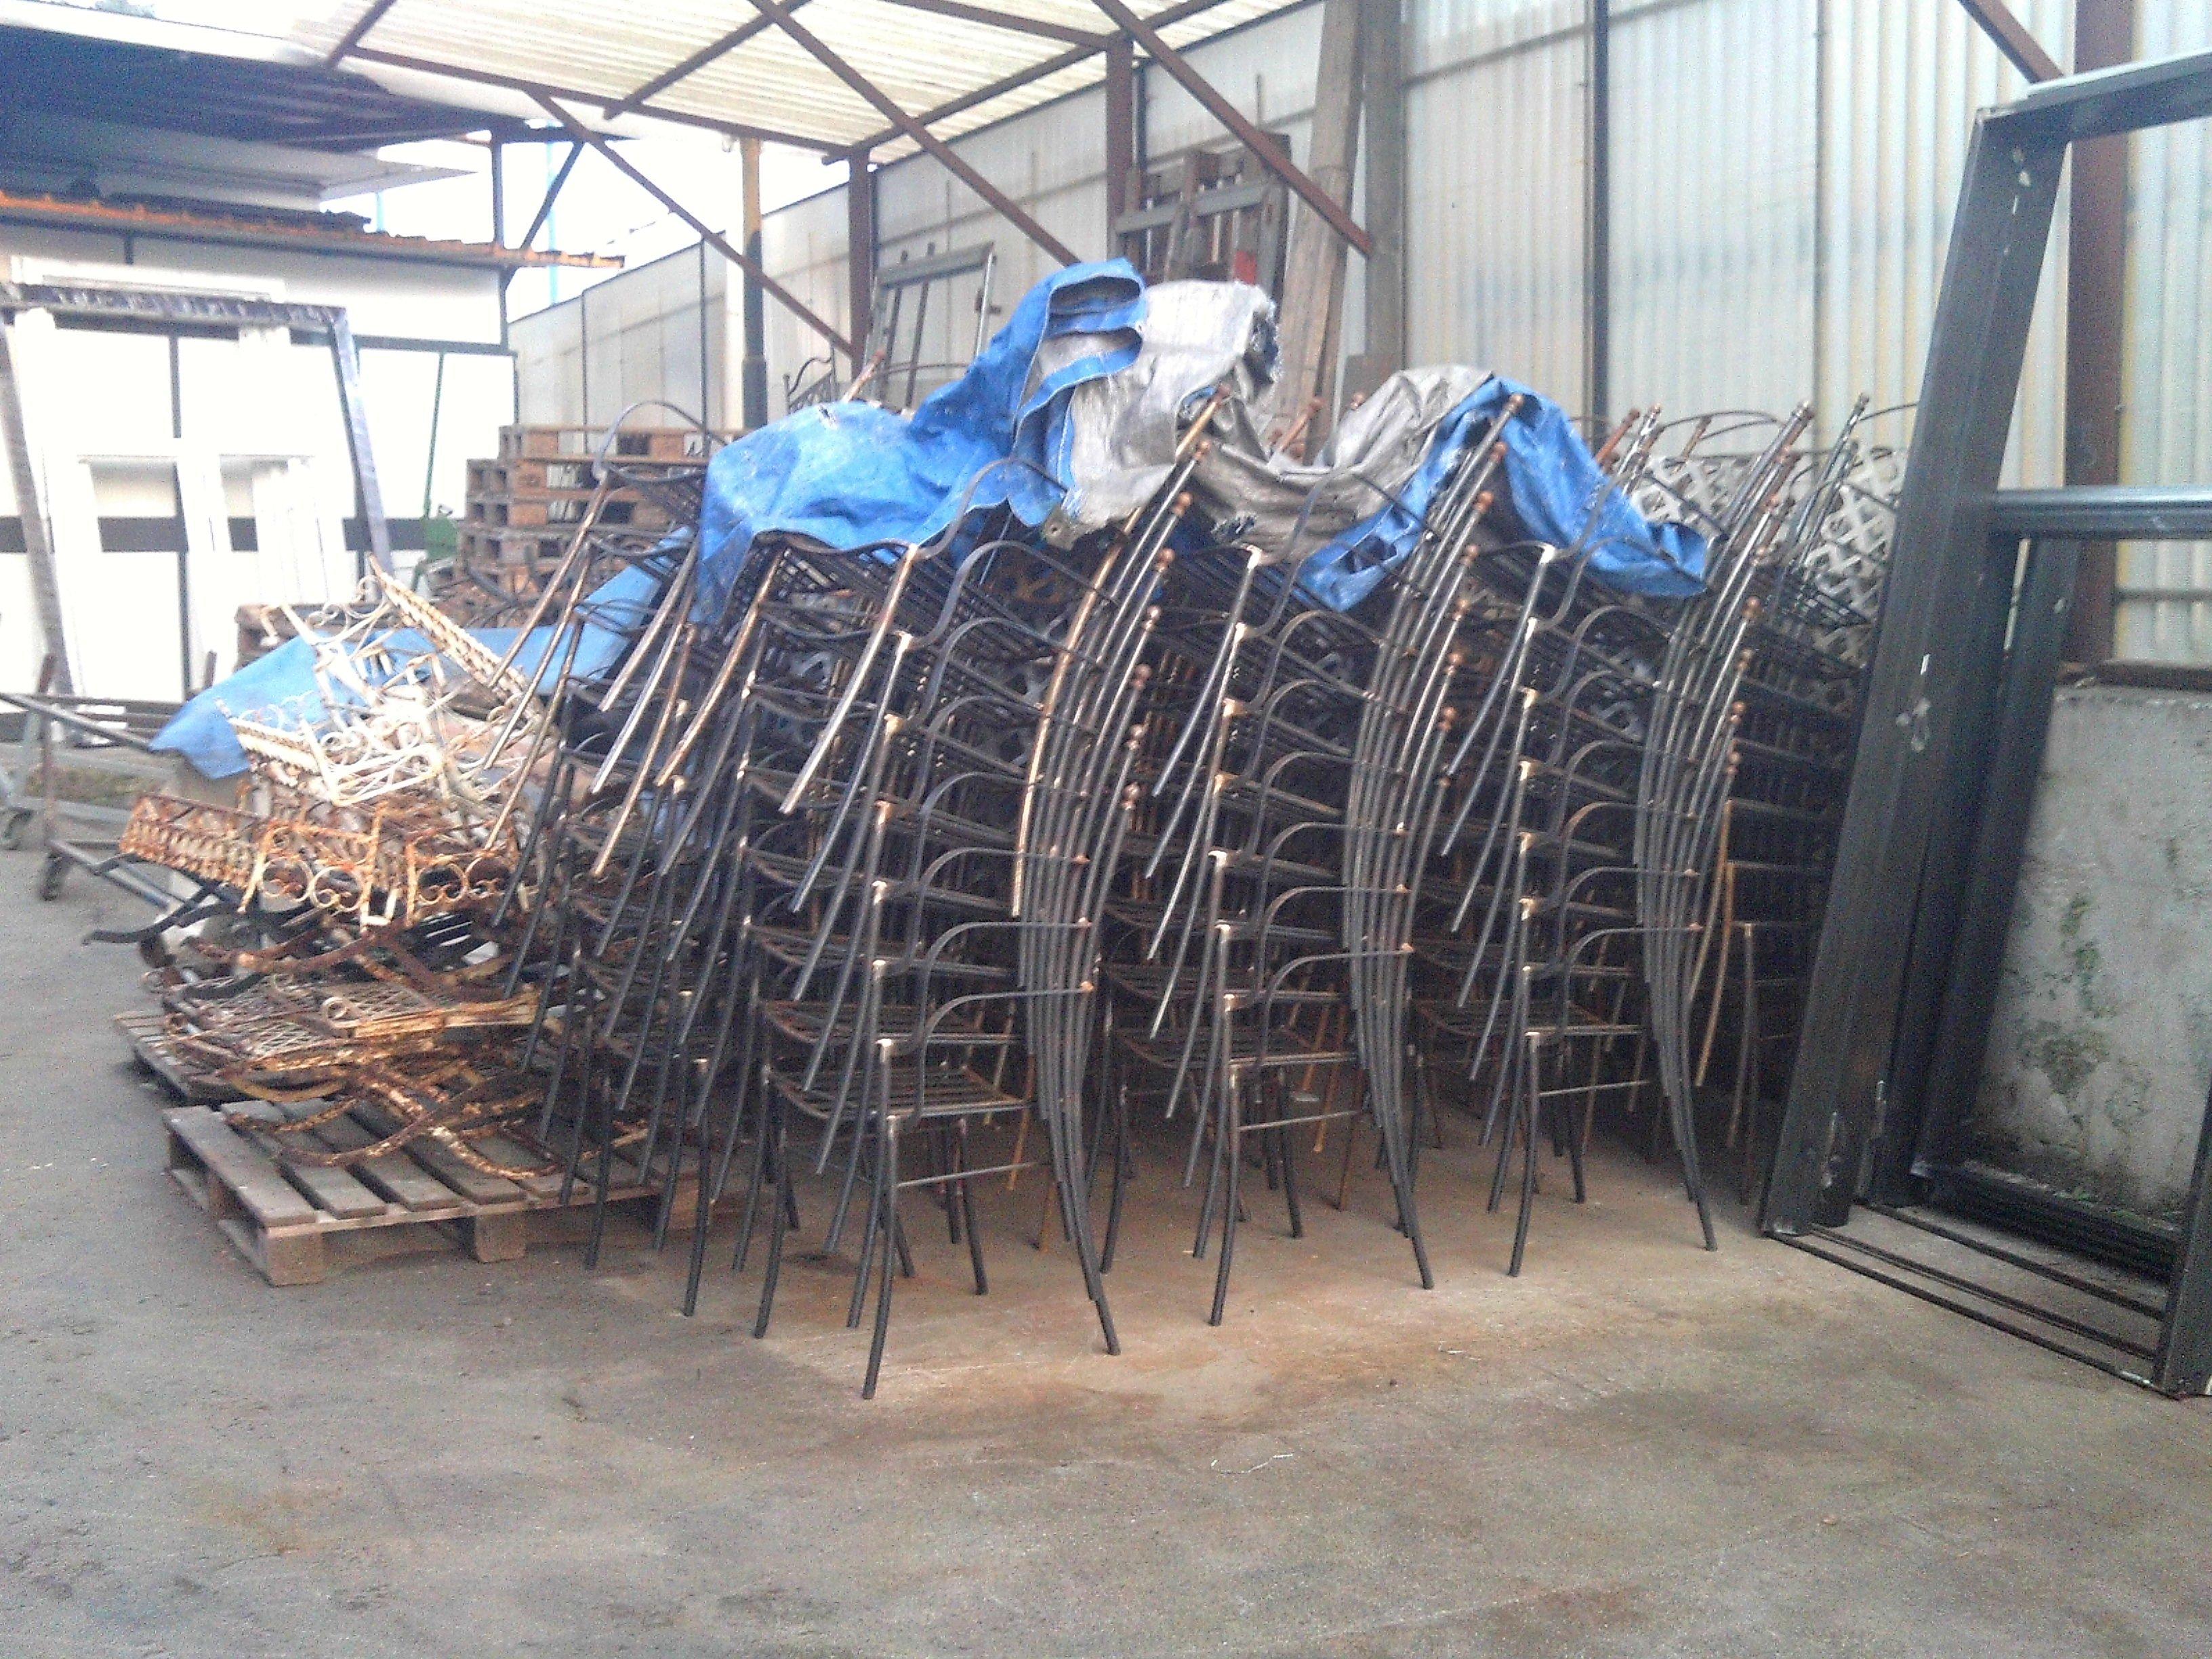 sedie in ferro in pile